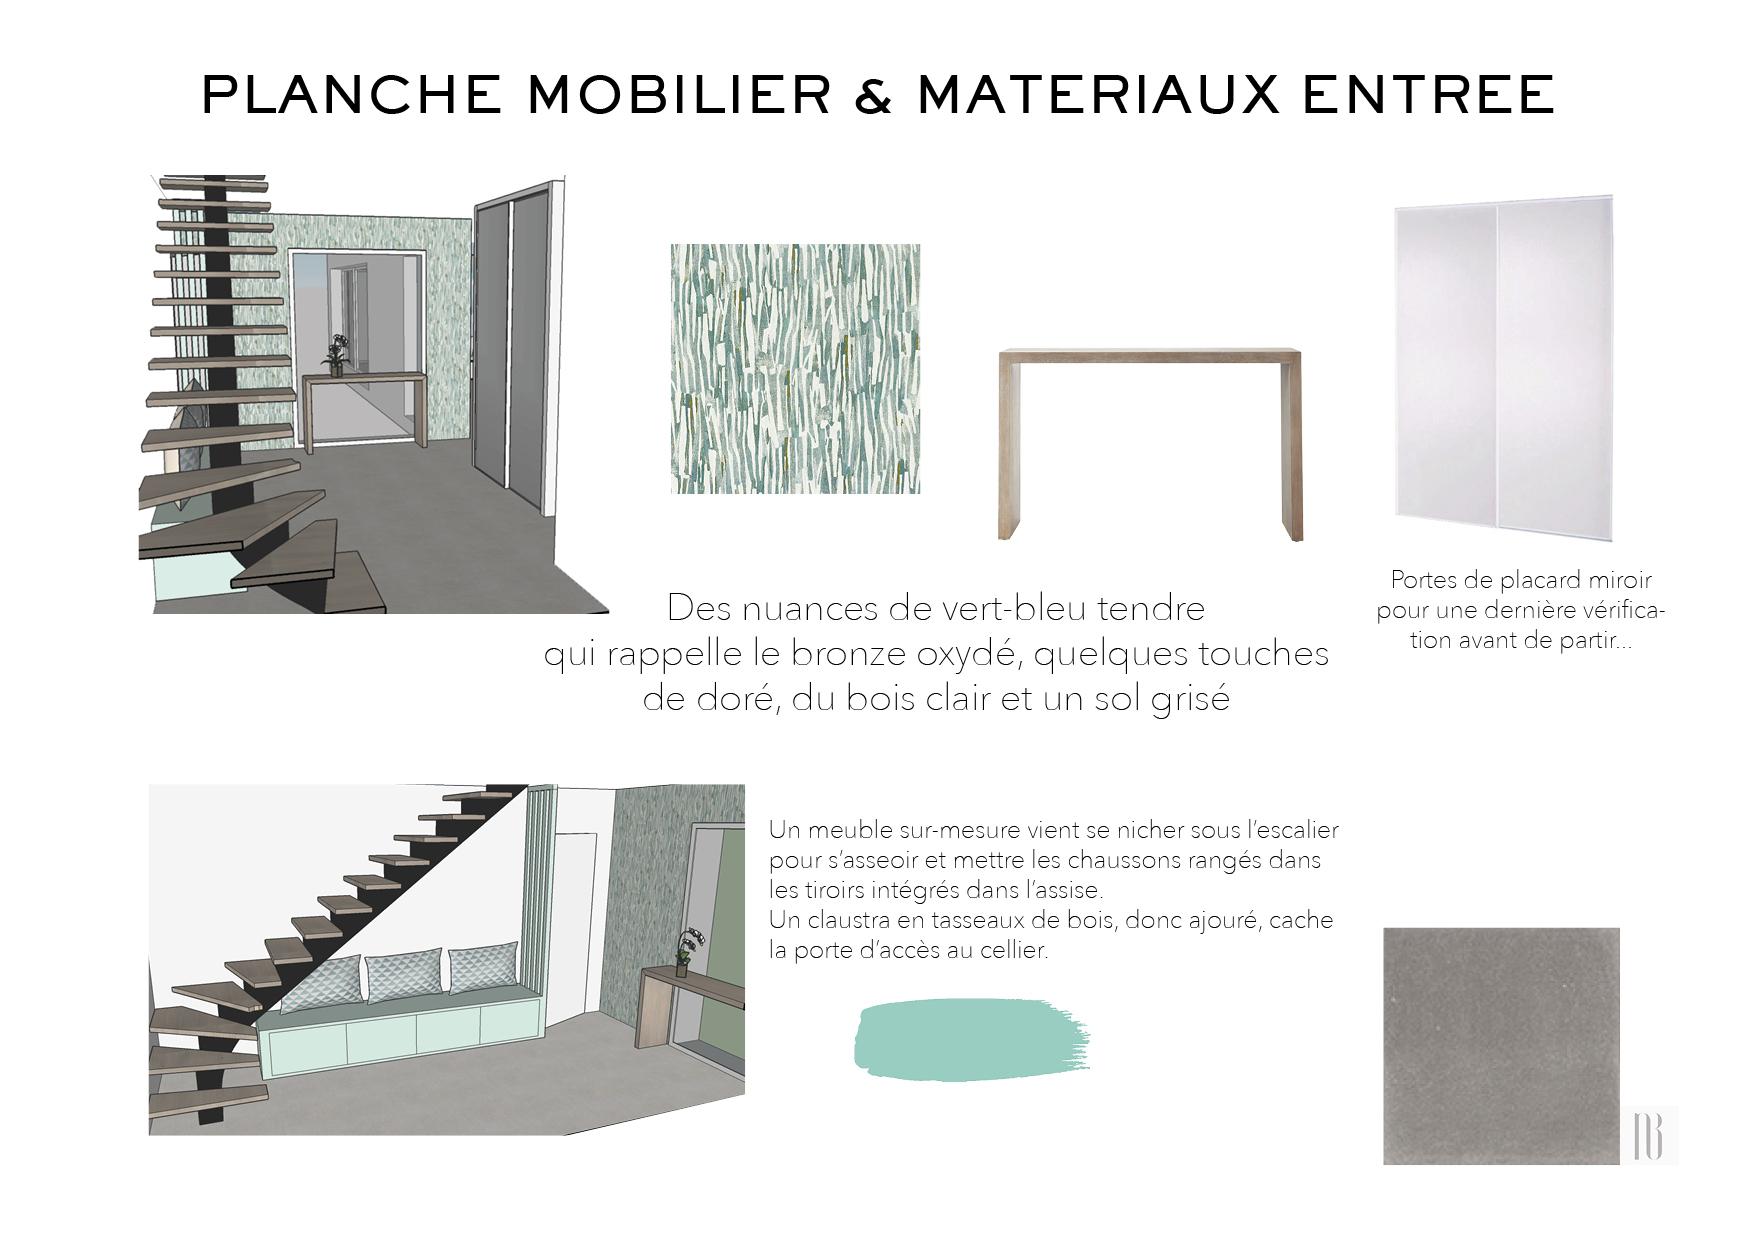 Nathalie Bossard décoration architecture intérieur Rennes 35 UFDI-390 Book déco maison en construction Bédée Ille et vilaine planche mobilier et matériaux entrée